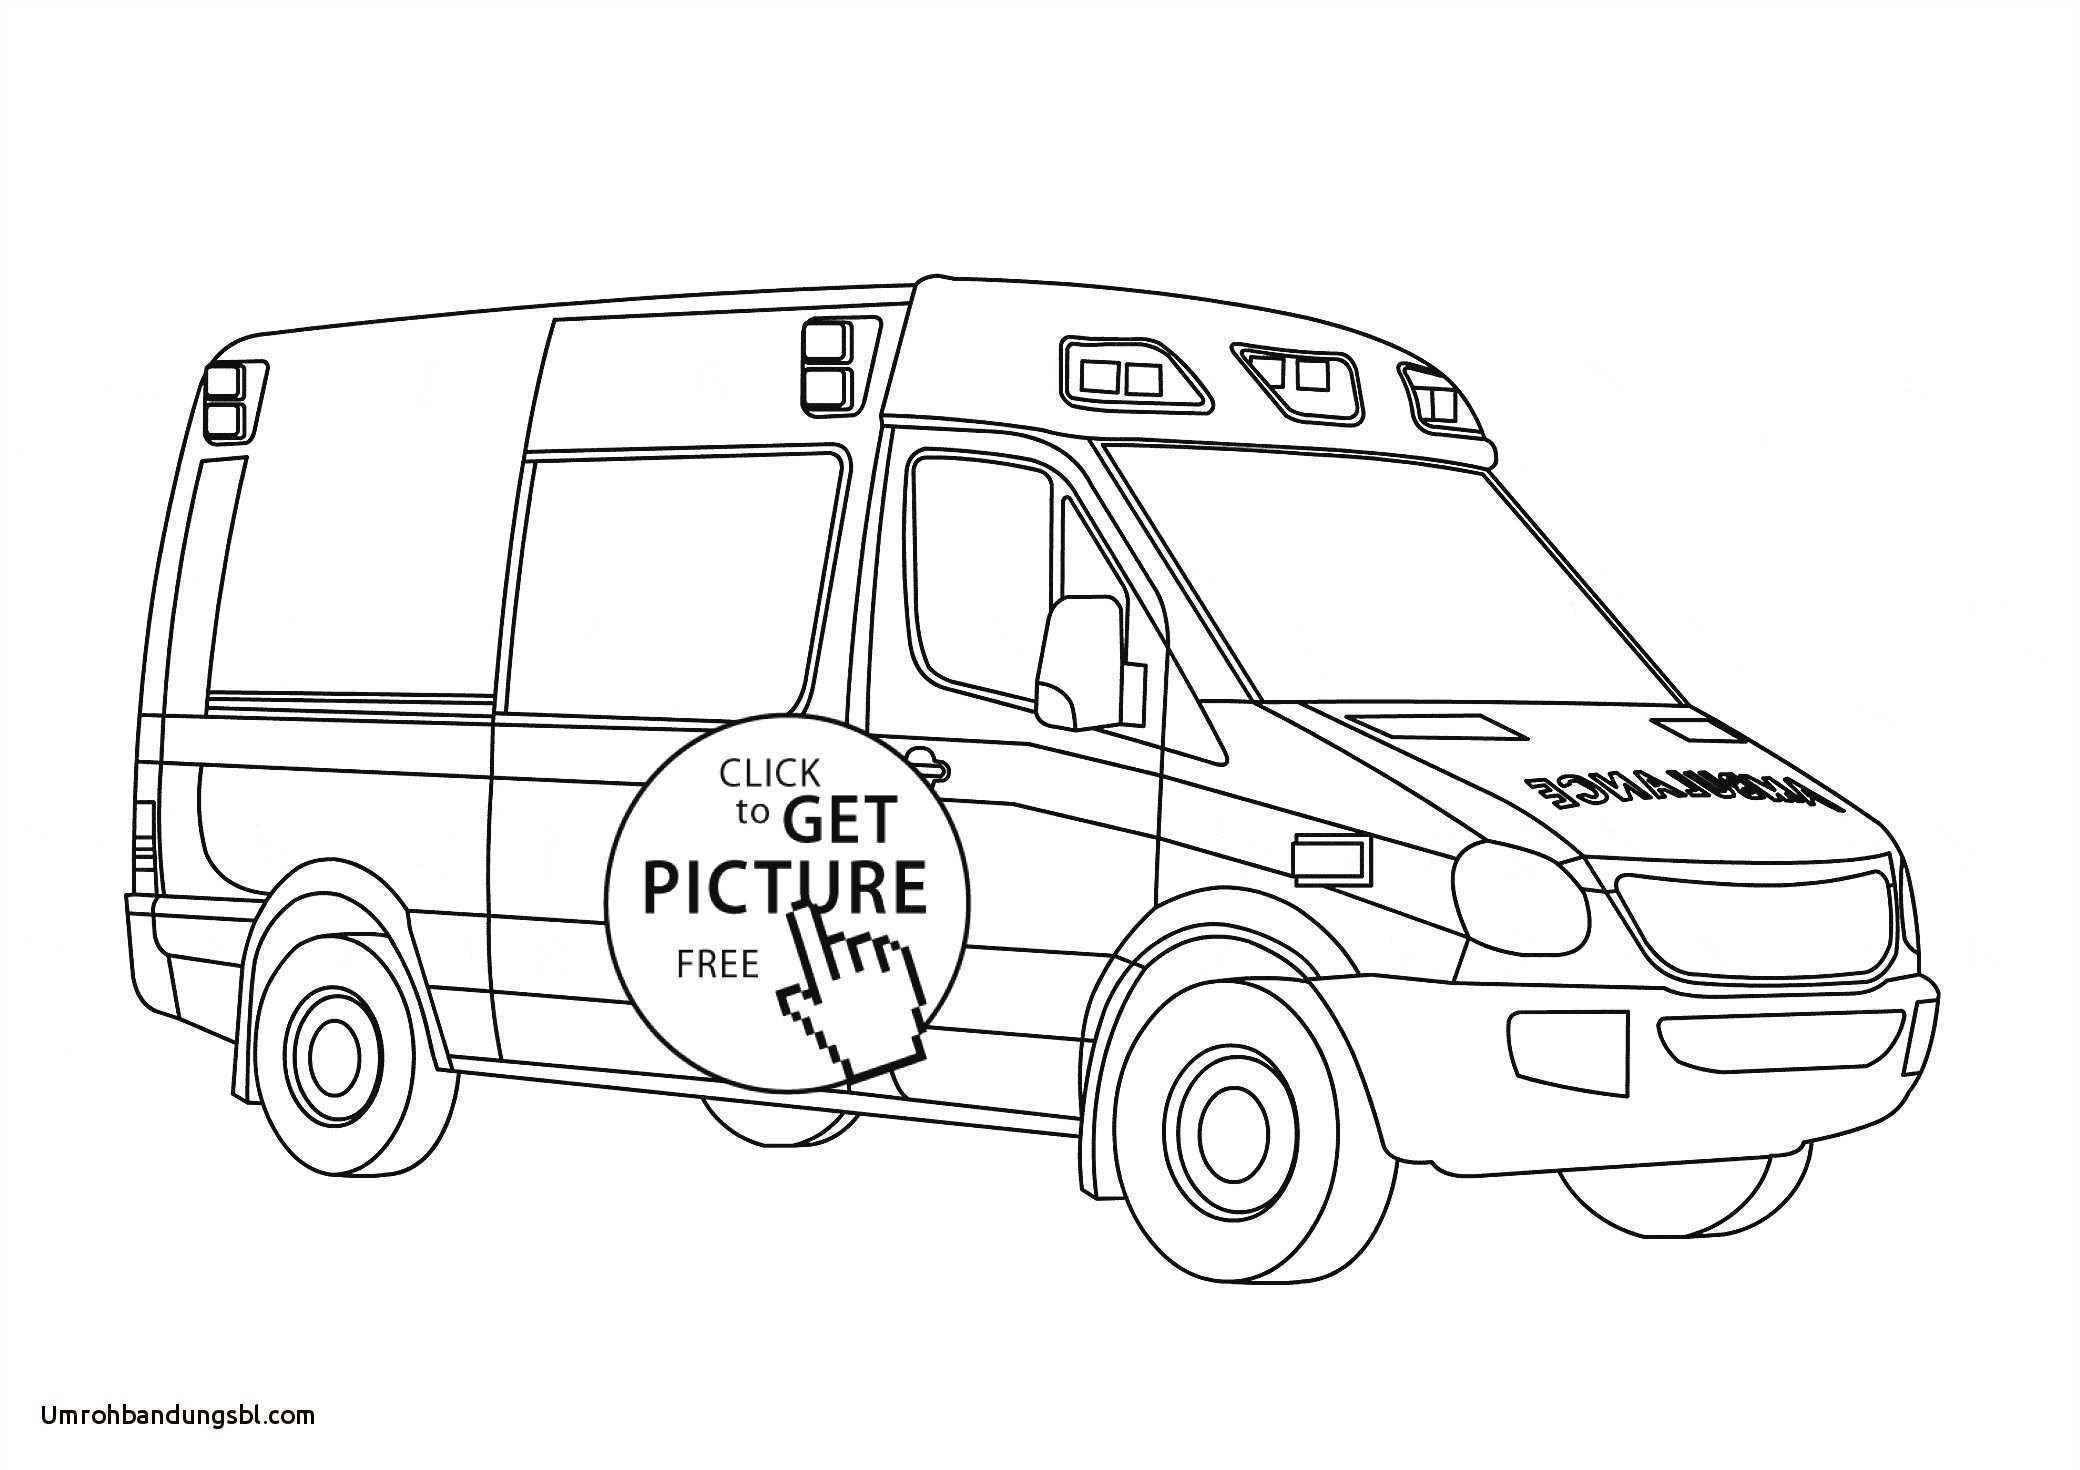 ausmalbilder polizei das beste von playmobil malvorlage